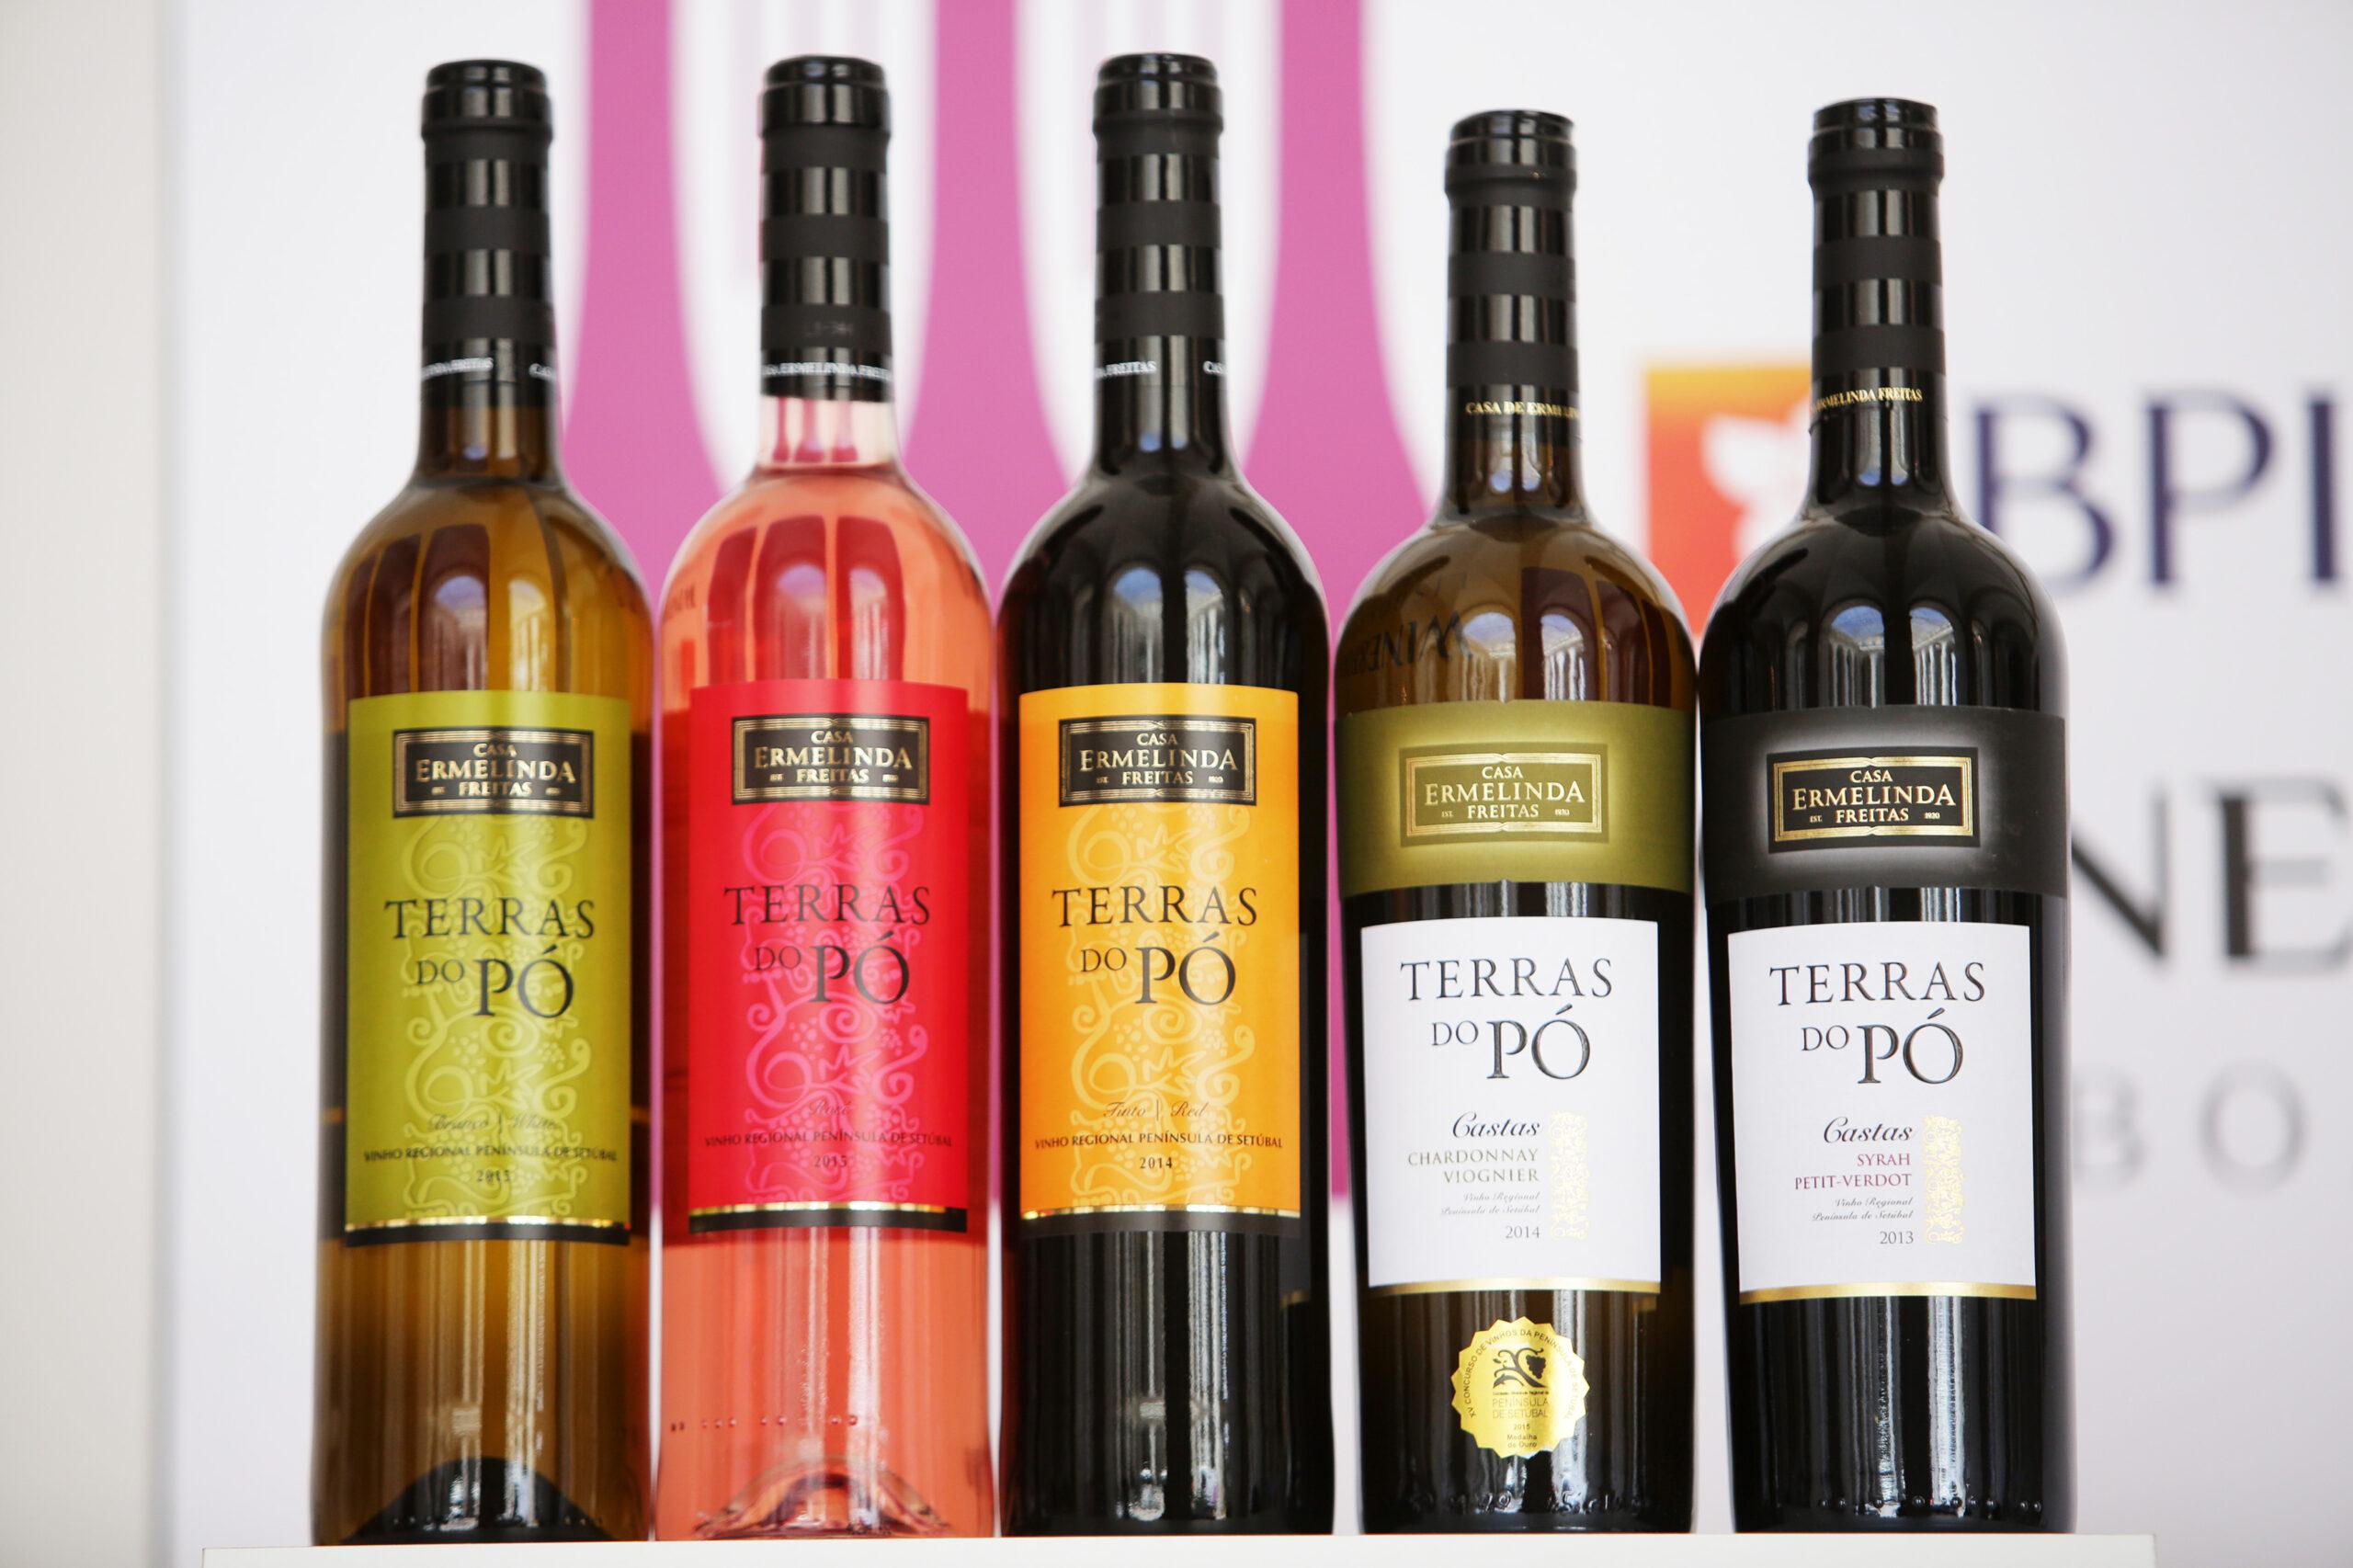 Garrafas de vinho Casa da Ermelinda Freitas Terras do Pó de 2013 a 2105 em exposição no evento gastronómico. garrafa de vinho. rosé. branco. tinto. verde.